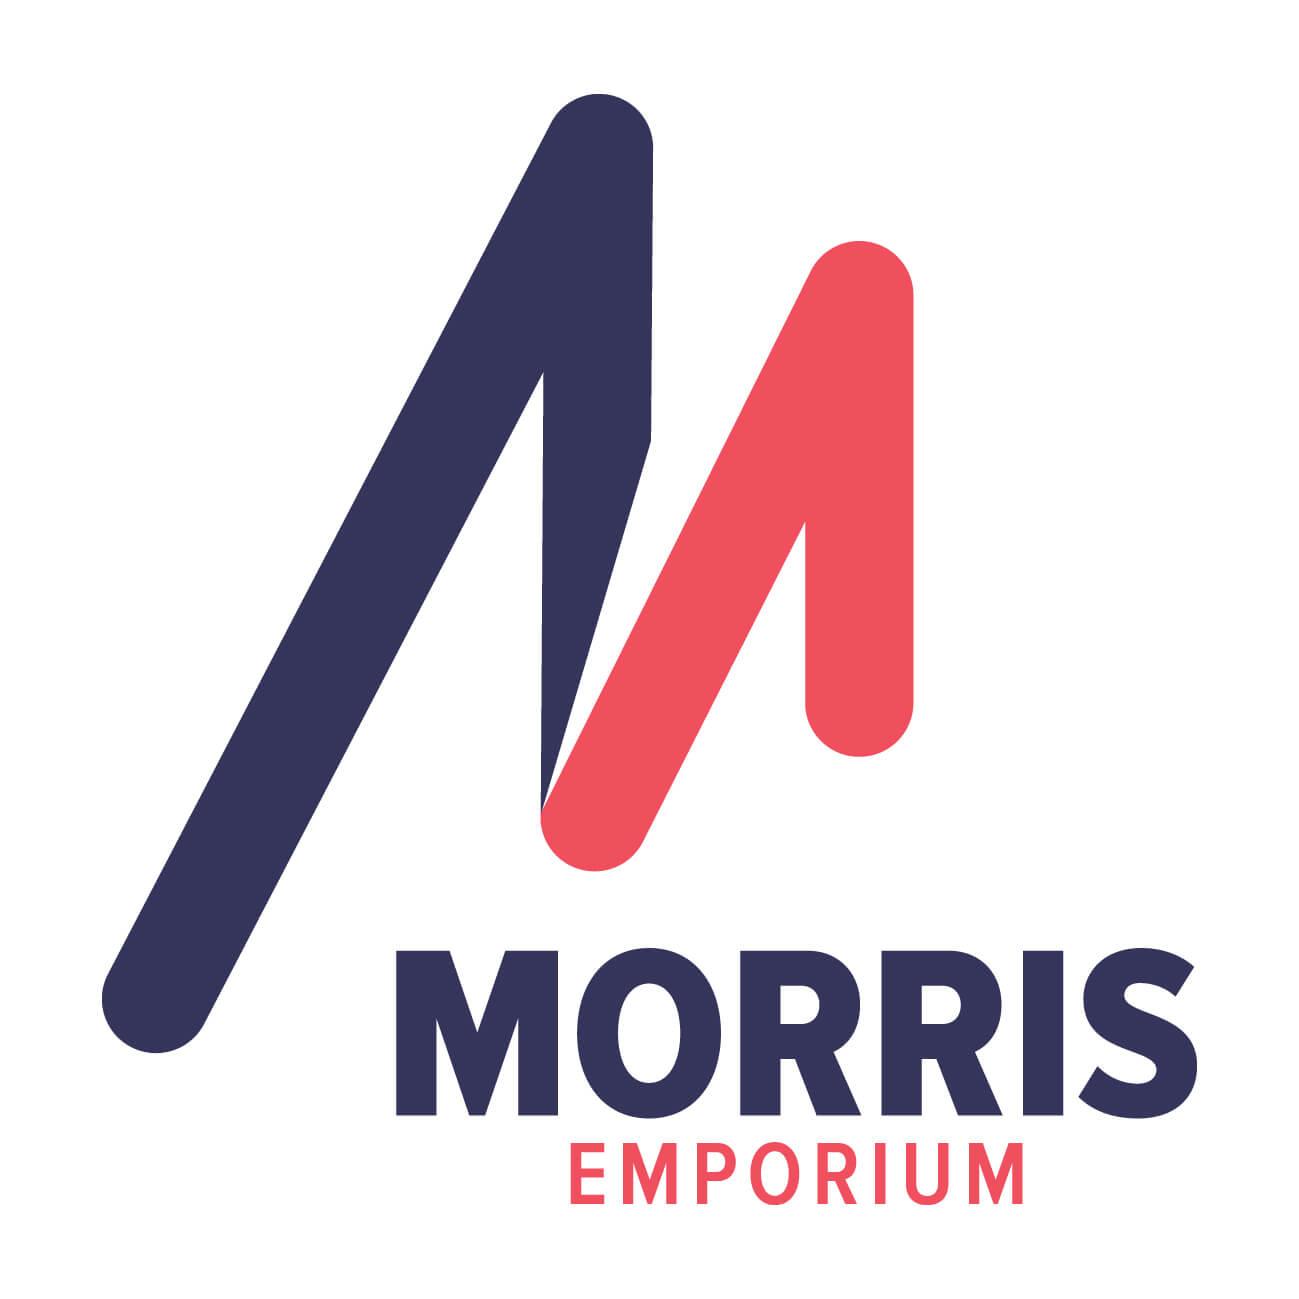 Morris Emporium logo RGB.jpg